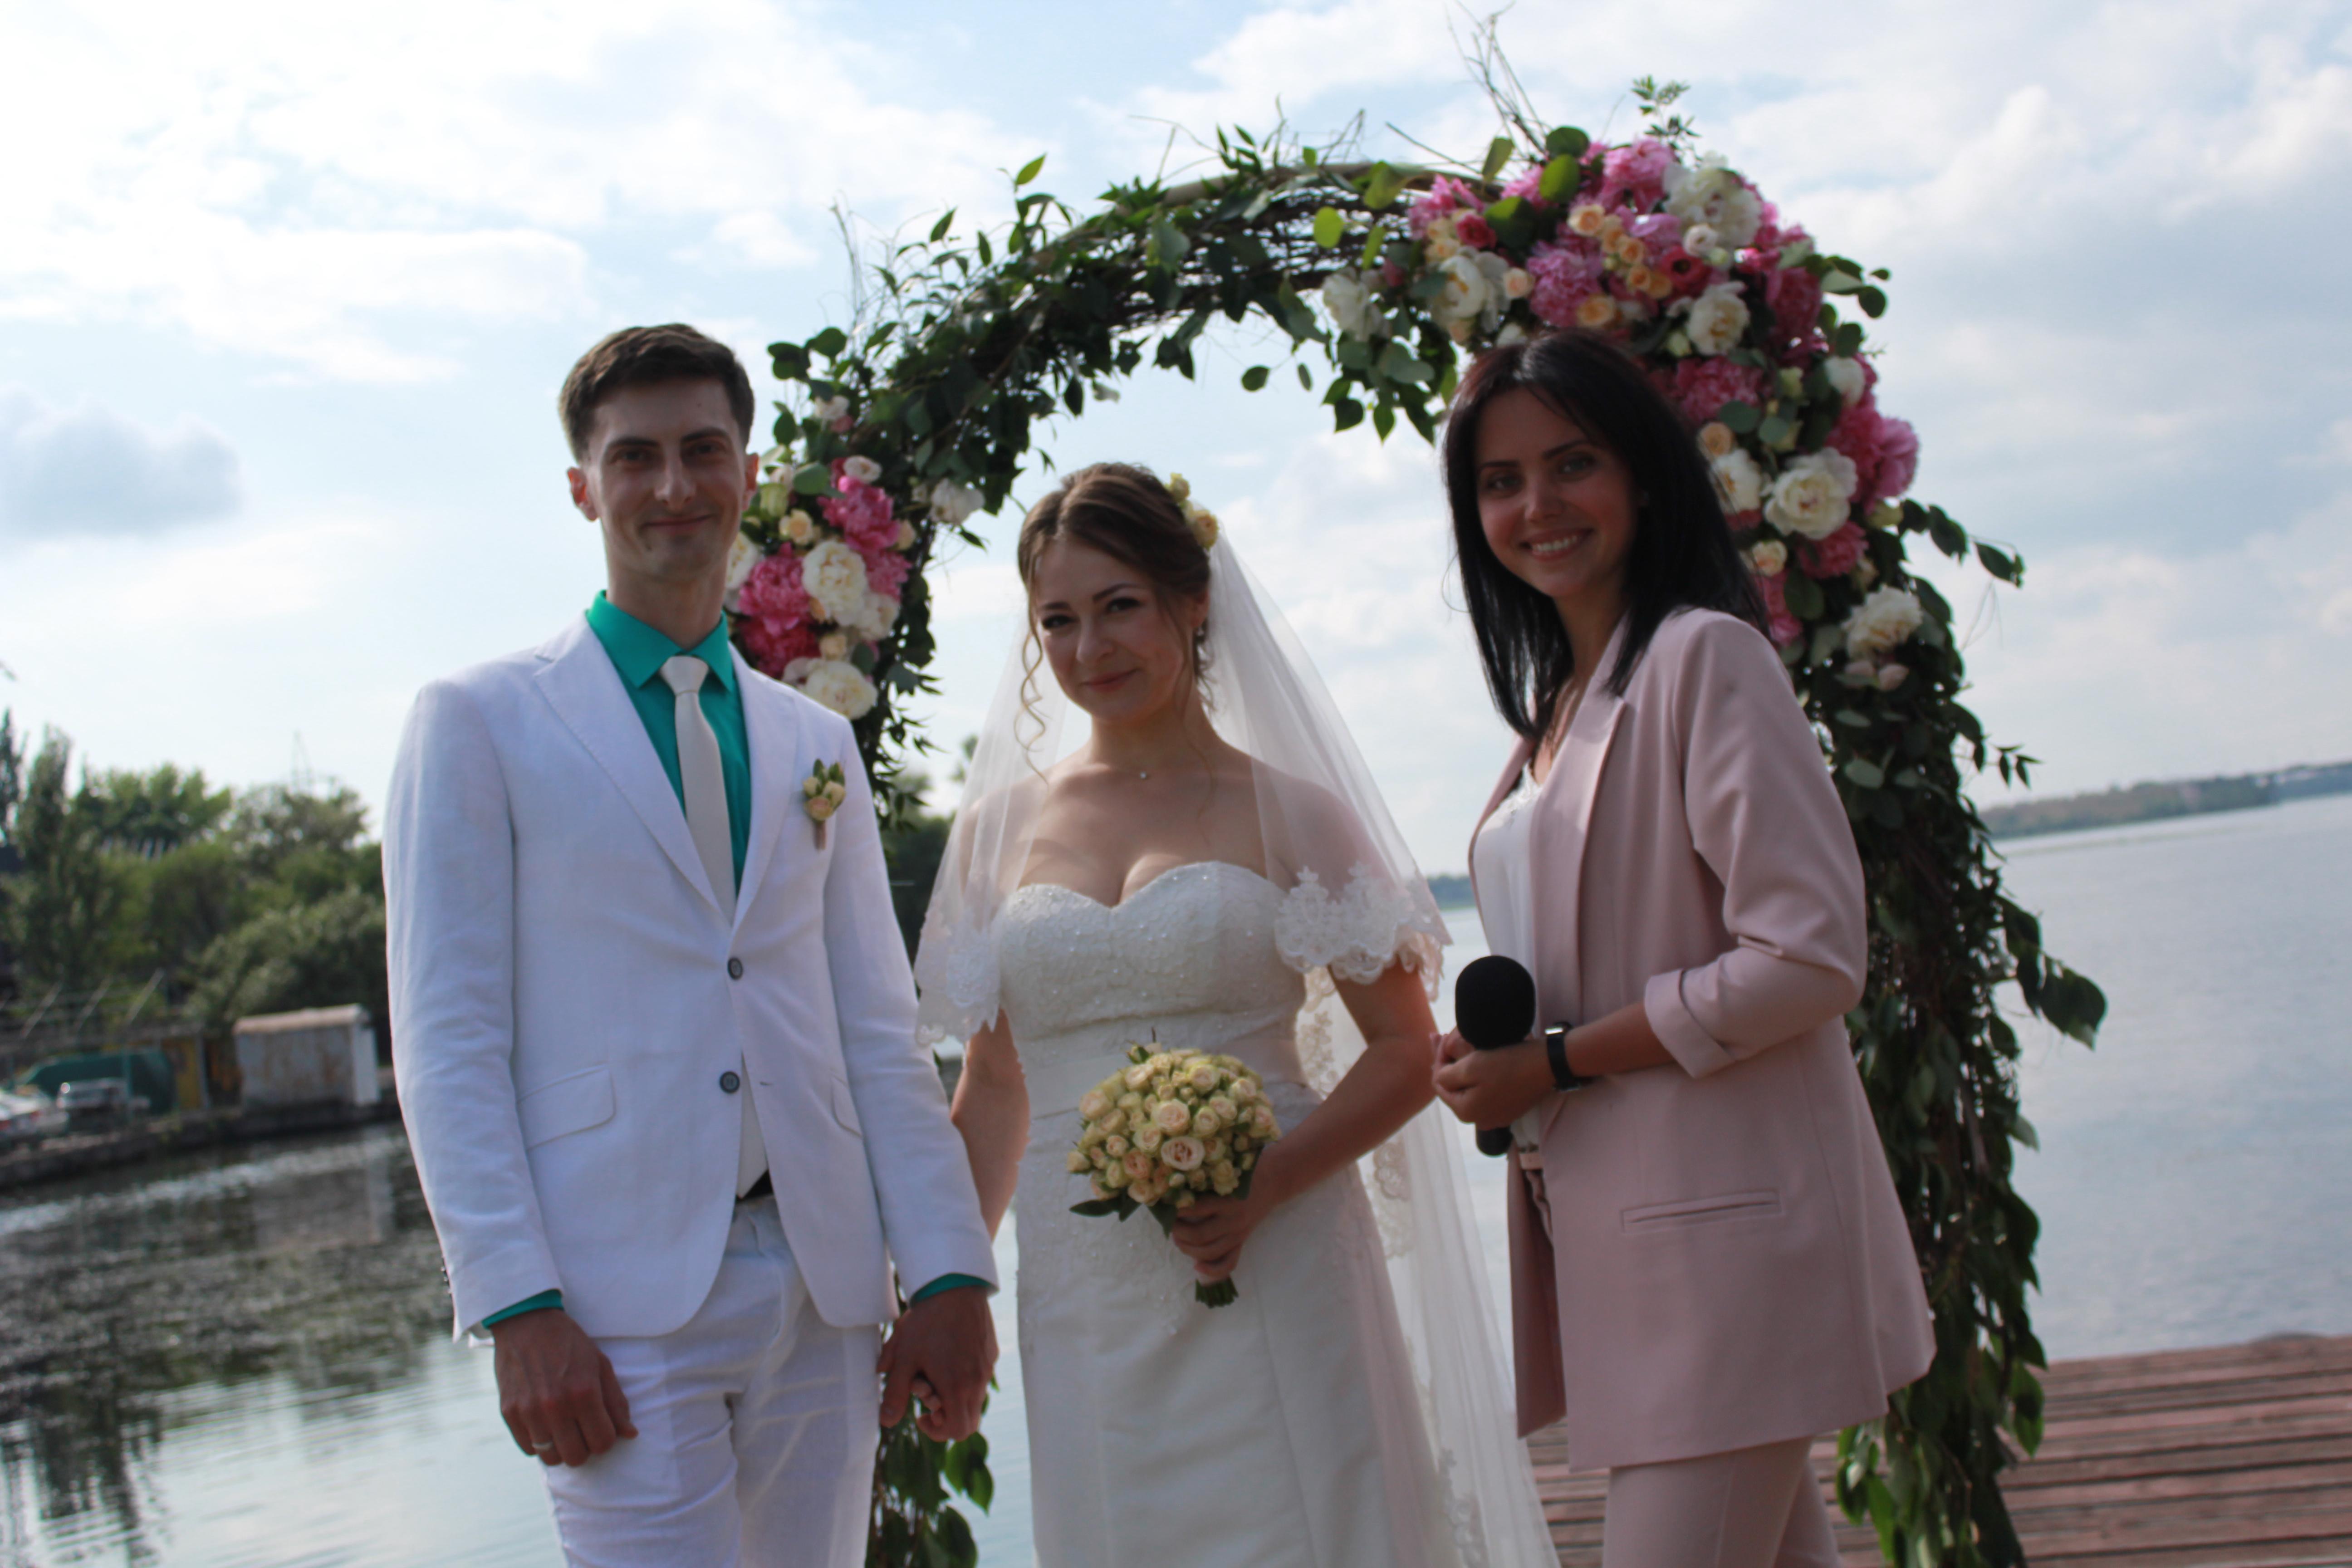 139 Юля и Миша свадьба 23 05 19